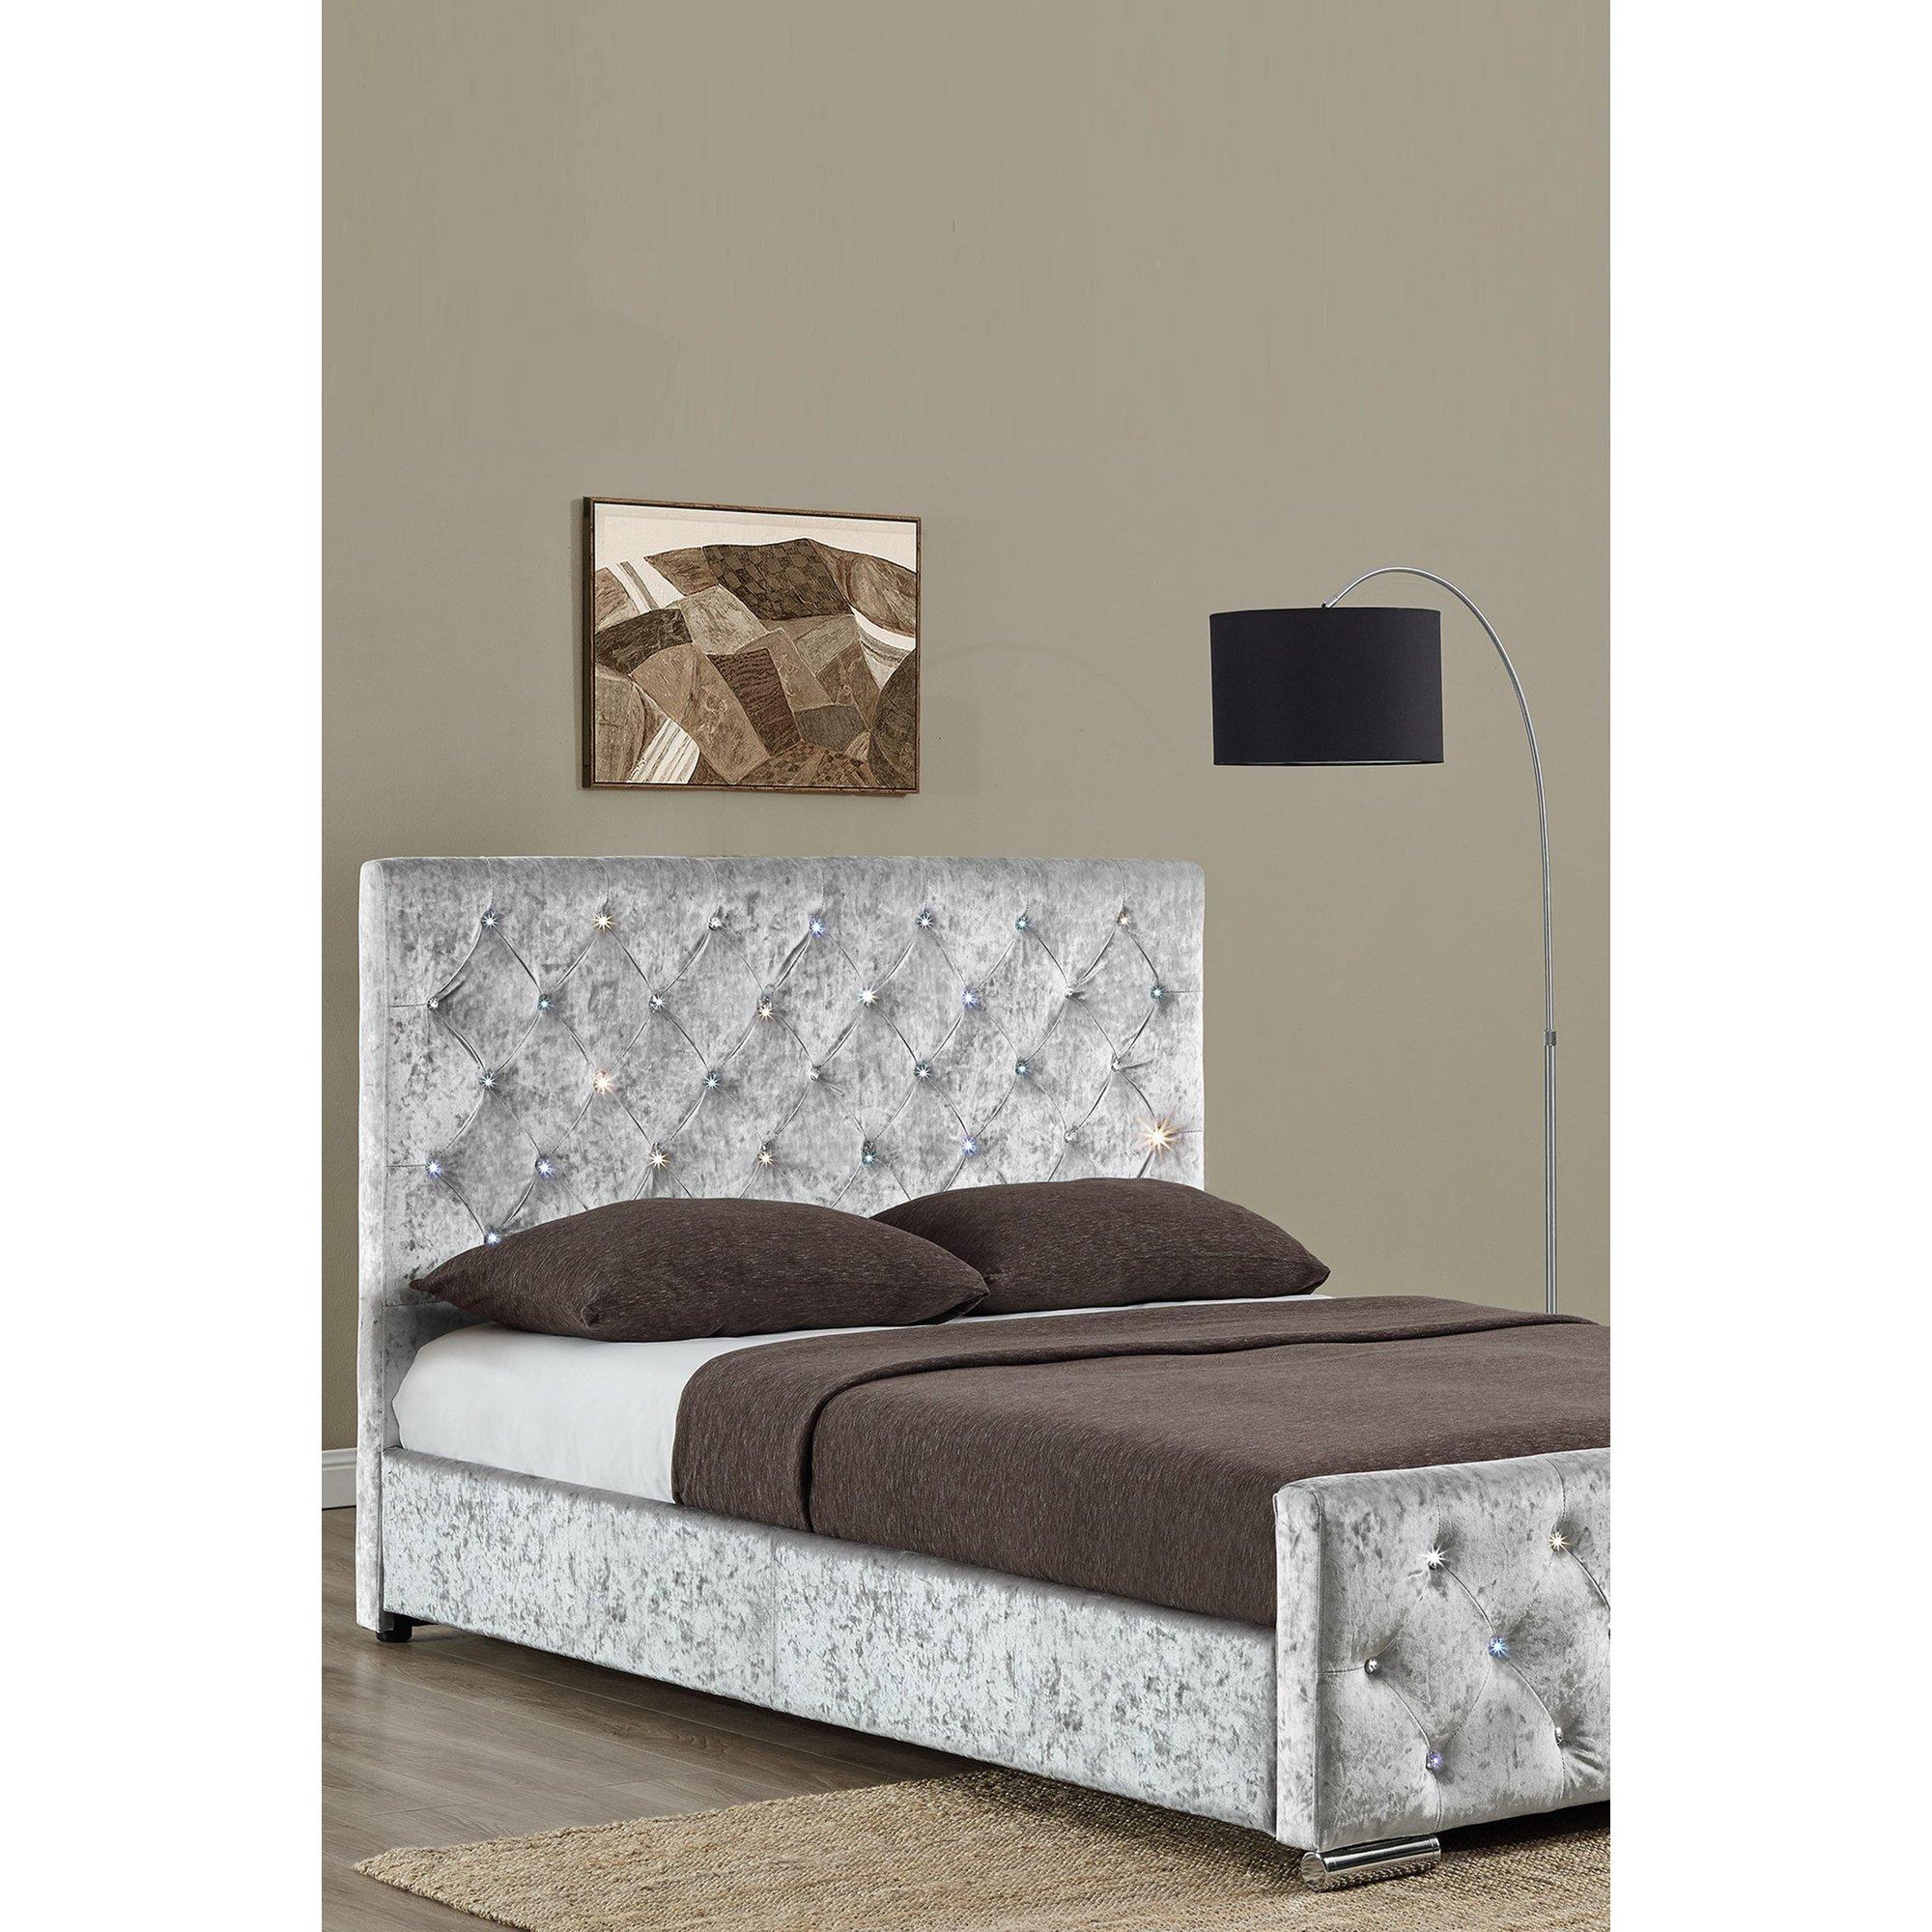 Image of Arabella Crushed Velvet Bed Frame